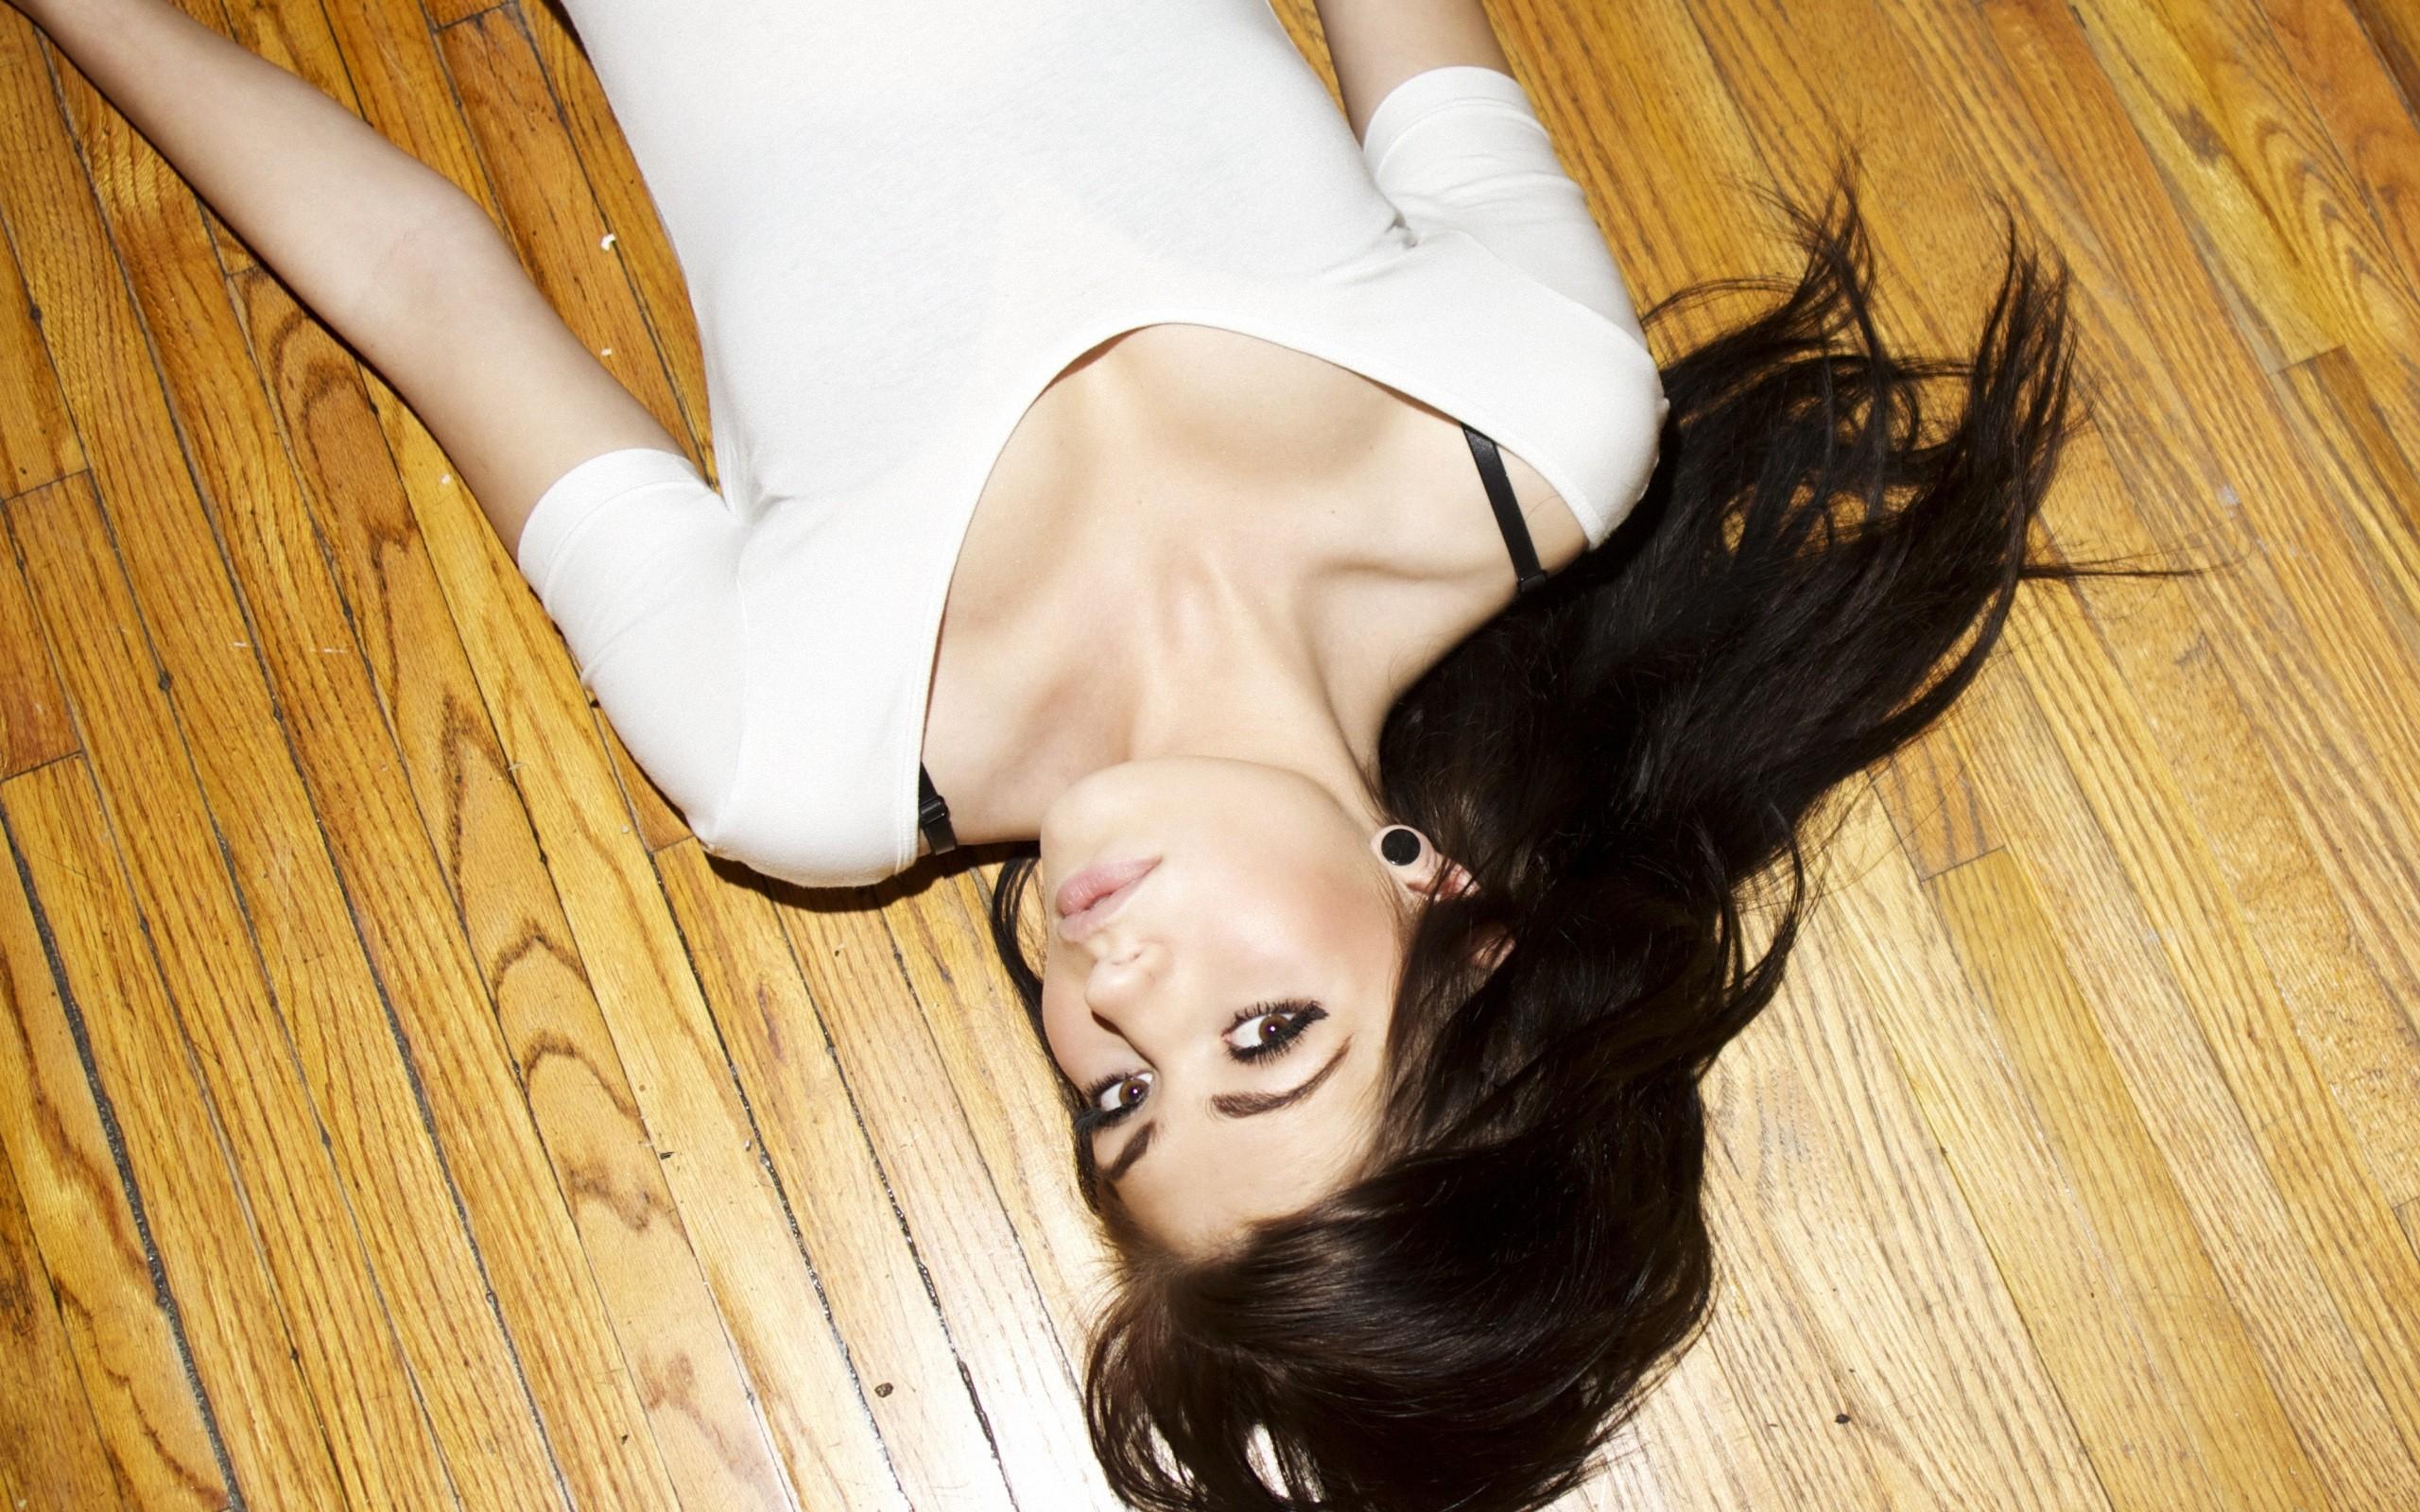 Una chica acostada en el piso - 2560x1600